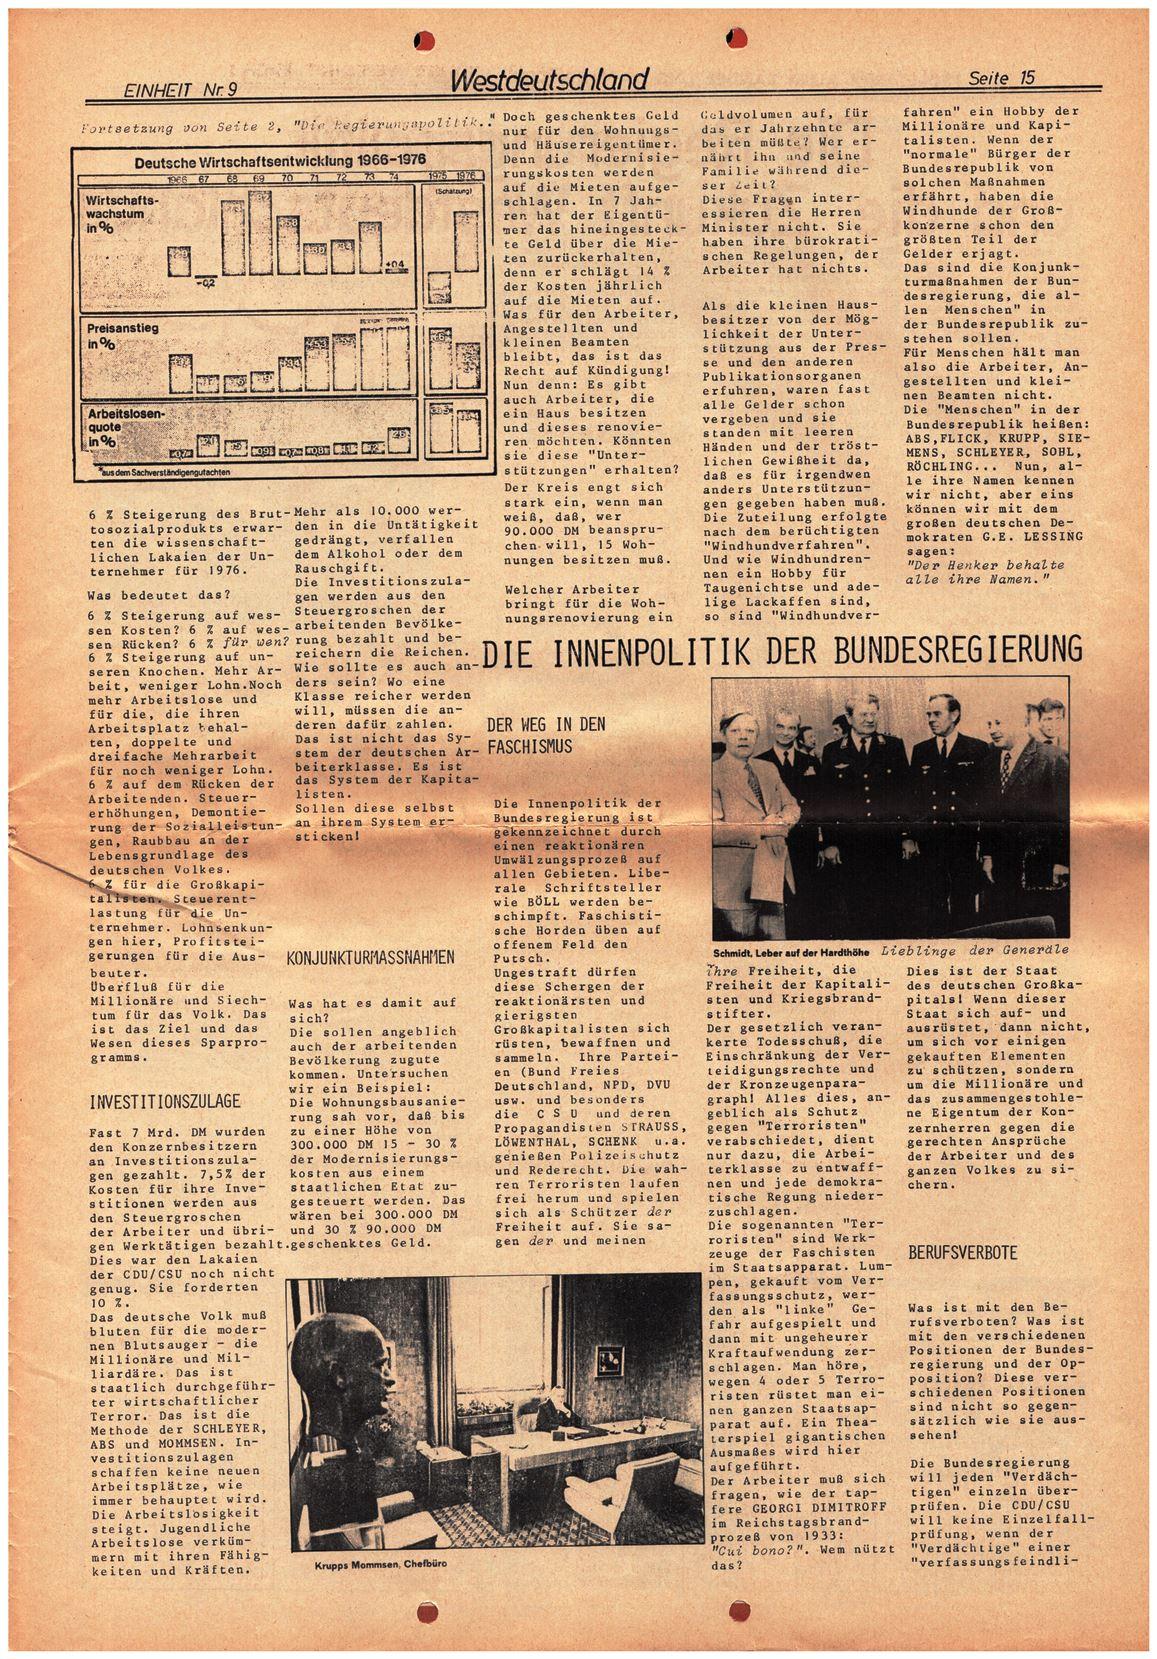 Koeln_IPdA_Einheit_1976_009_015